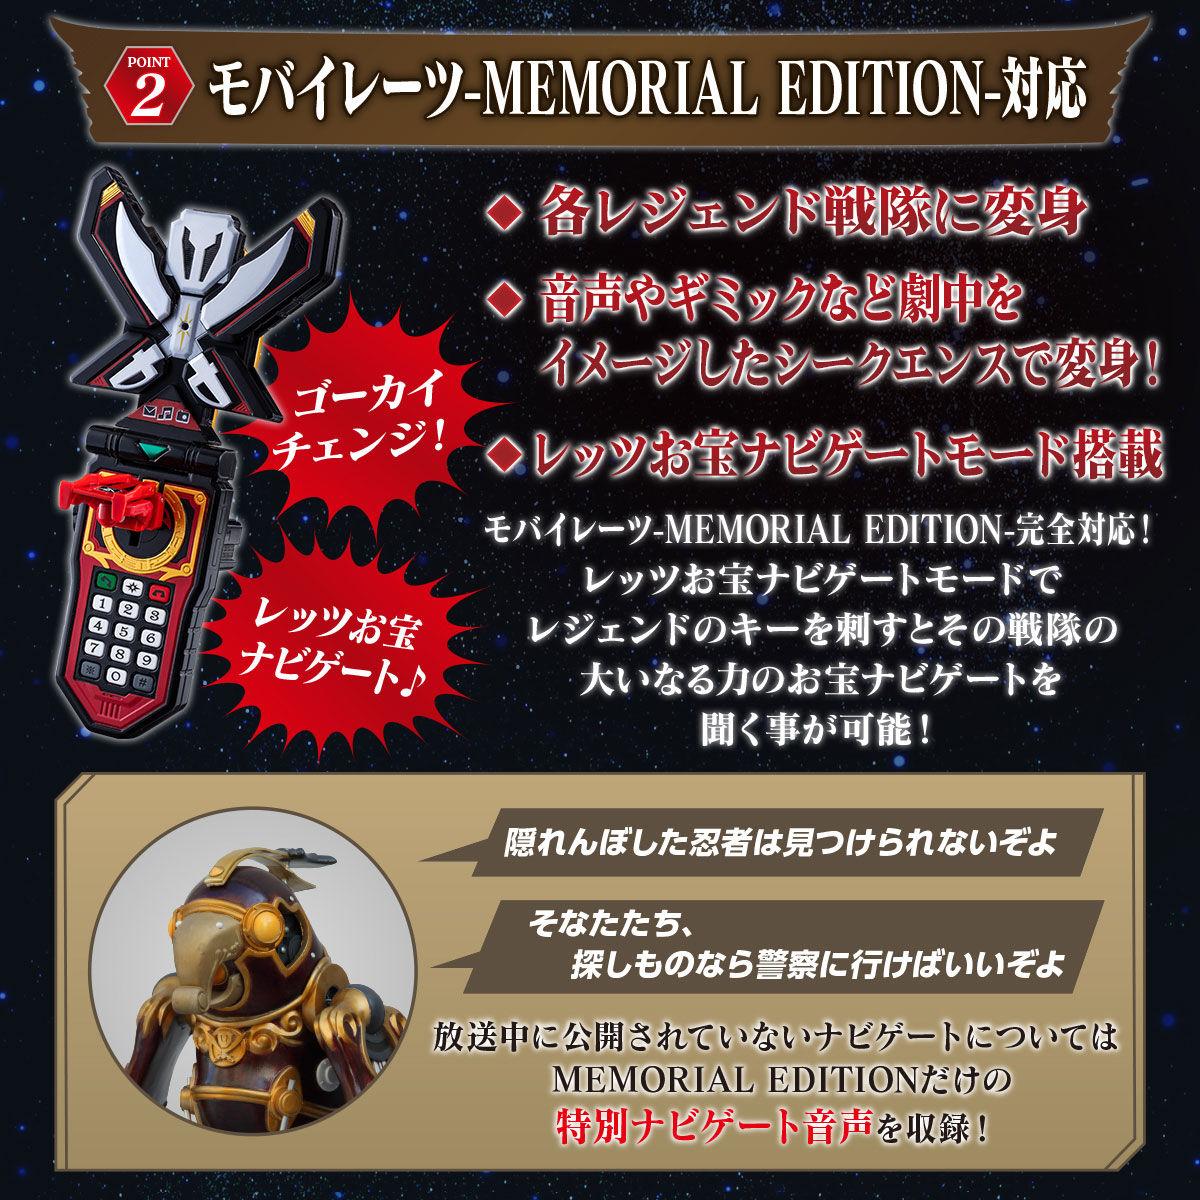 【限定販売】海賊戦隊ゴーカイジャー『レンジャーキー -MEMORIAL EDITION- 35レッドセット』変身なりきり-005